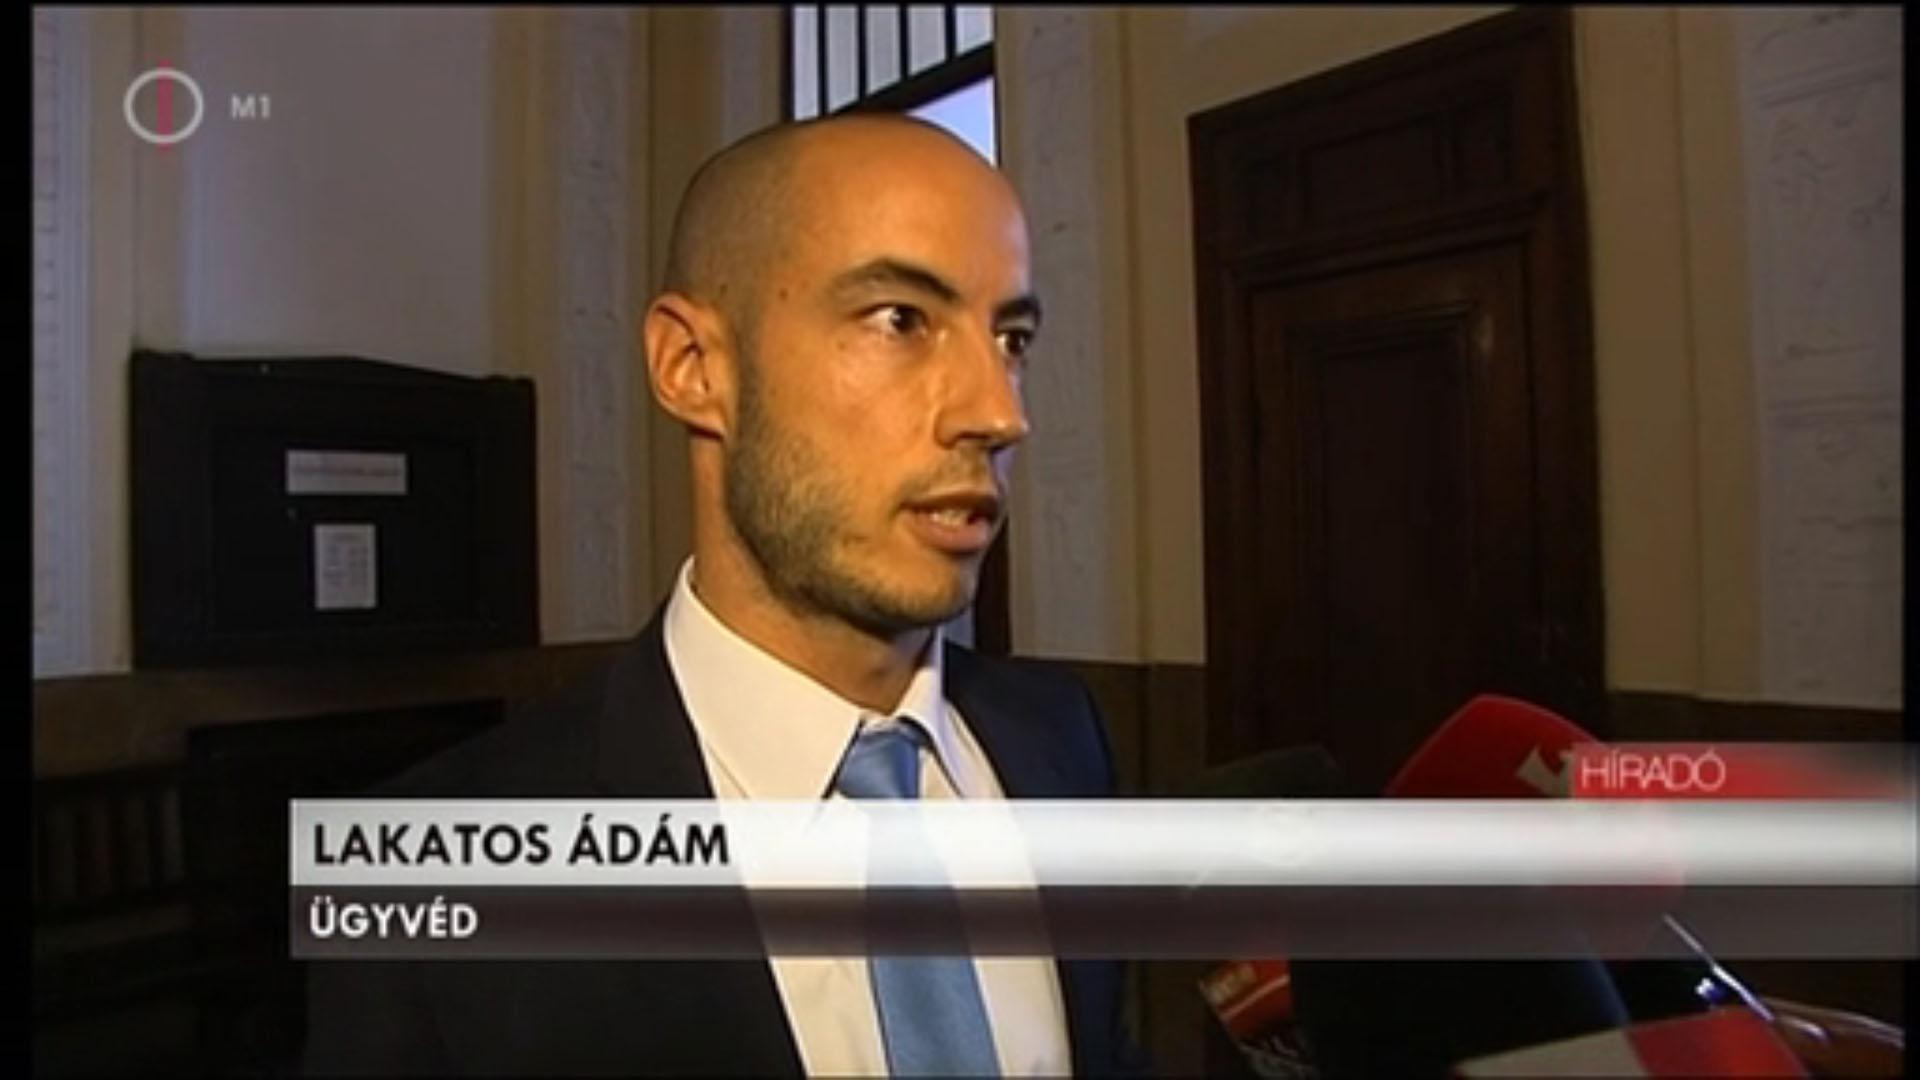 dr. Lakatos Ádám ügyvéd LOGO